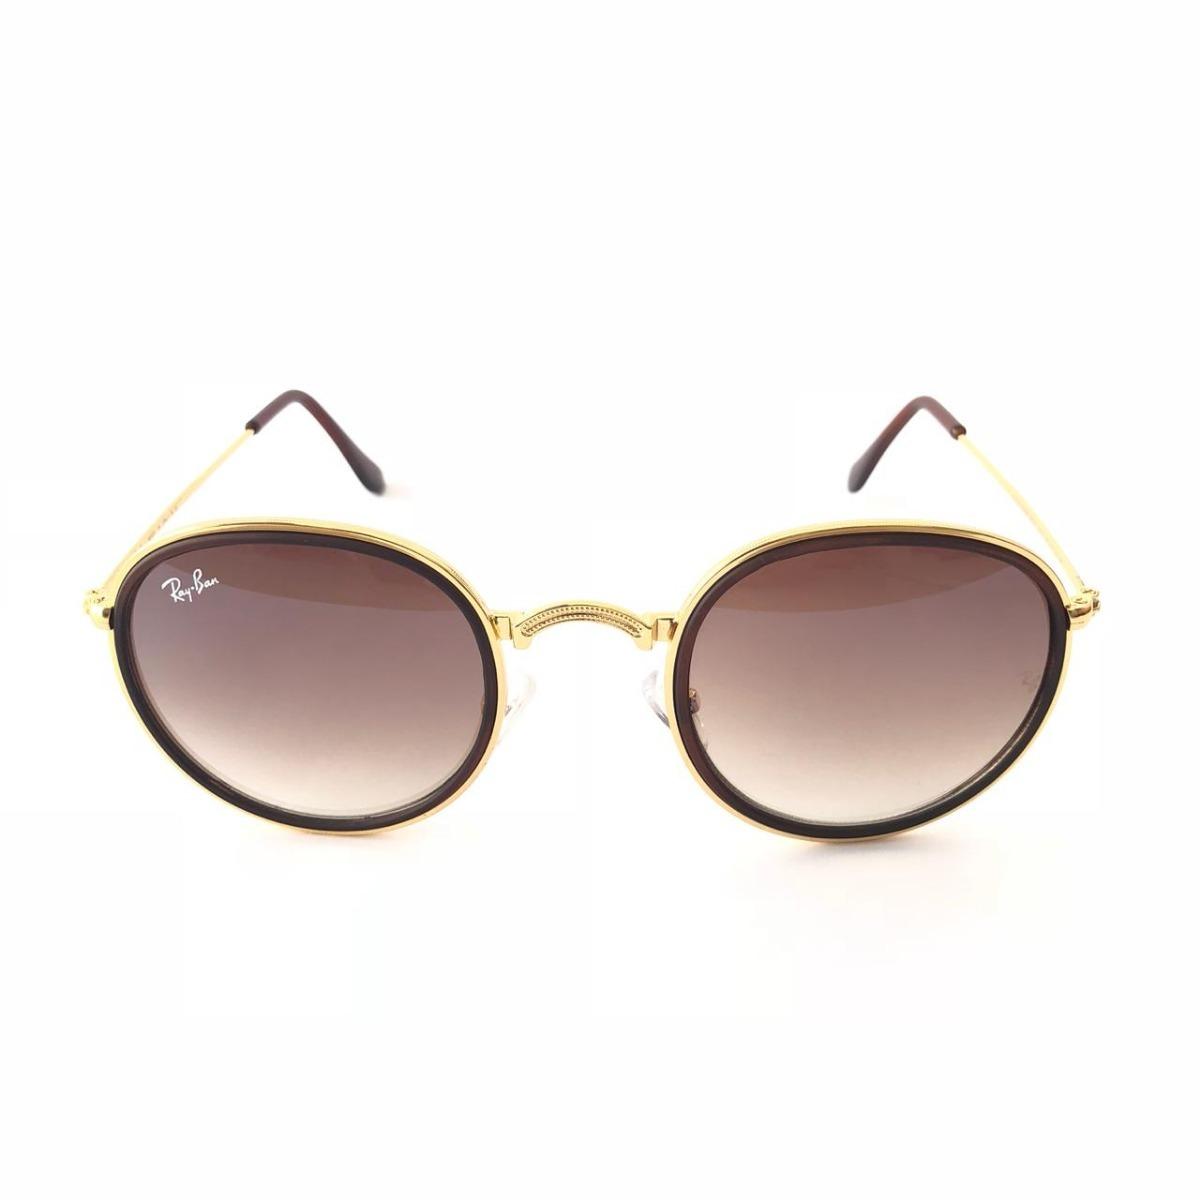 42029b06b304f oculos de sol feminino redondo retro vintage uv400 promoção. Carregando  zoom.